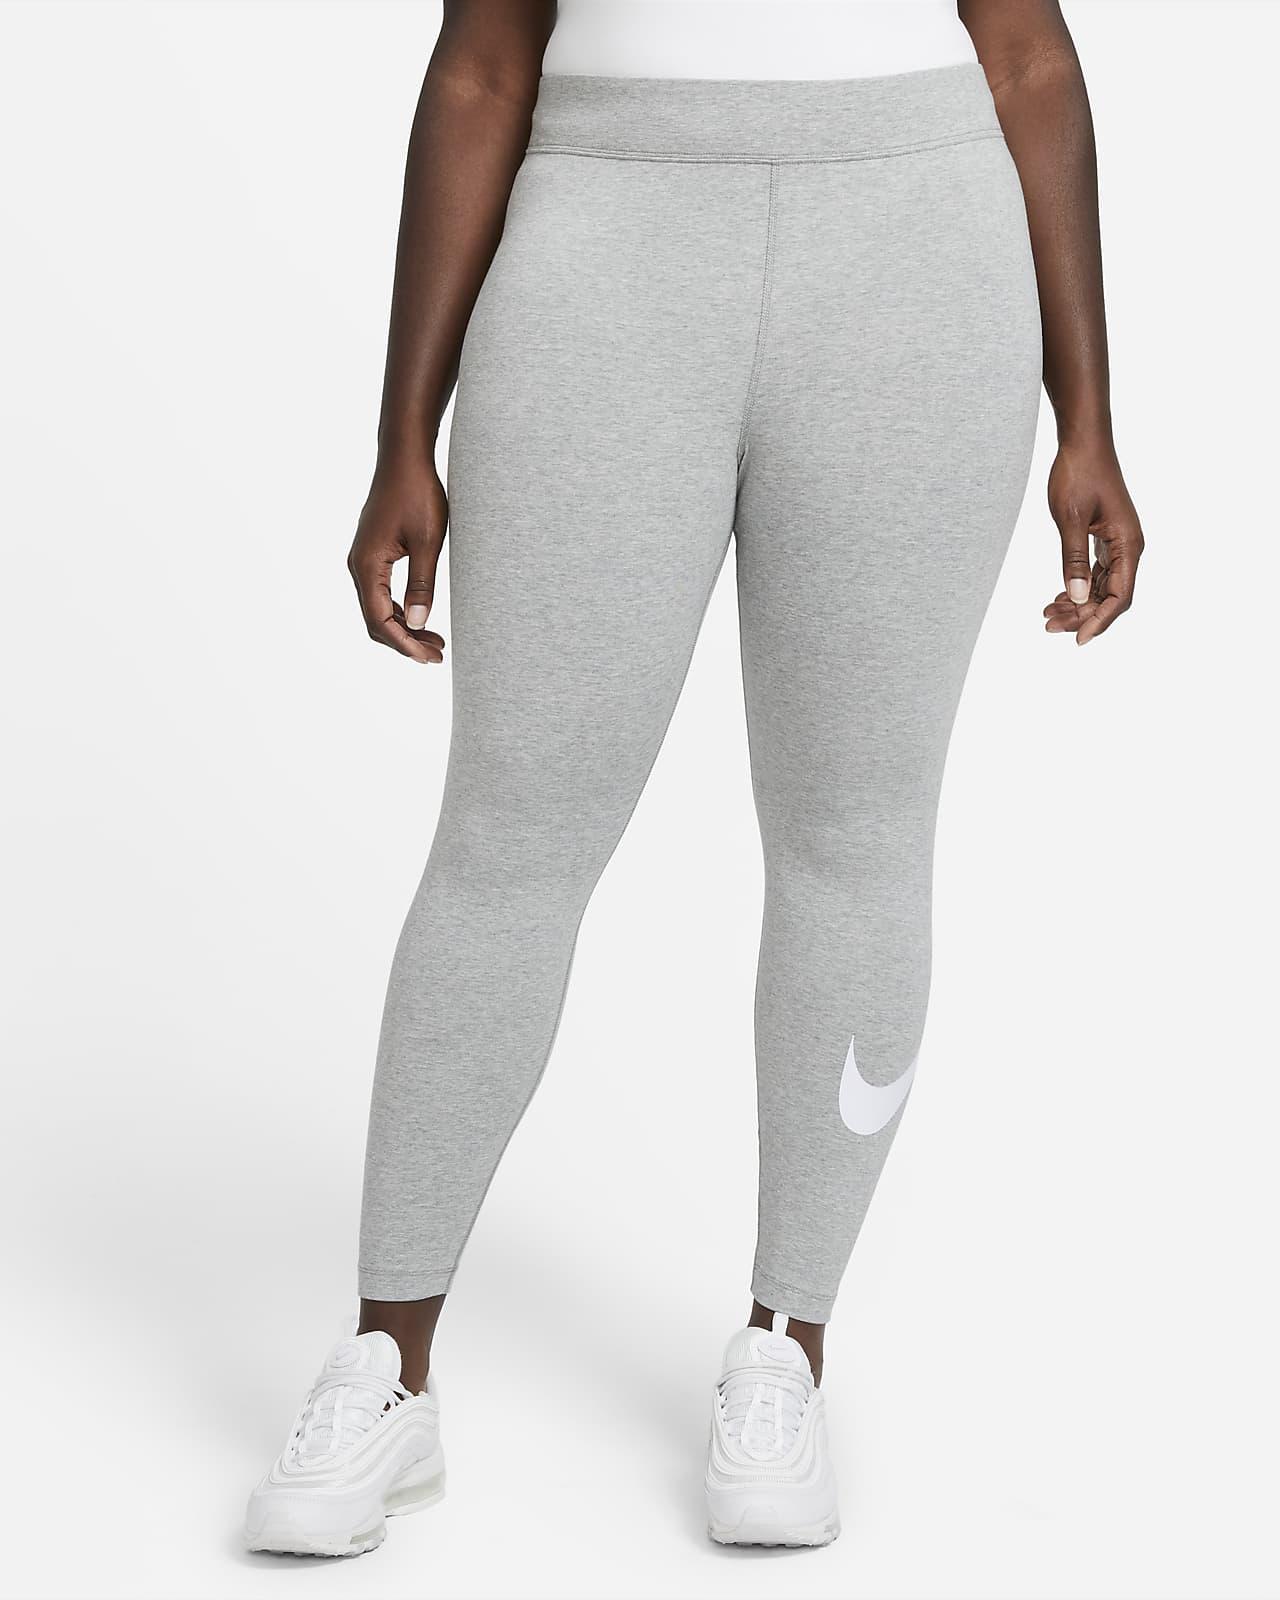 Nike Sportswear Essential Women's Mid-Rise Swoosh Leggings (Plus Size)